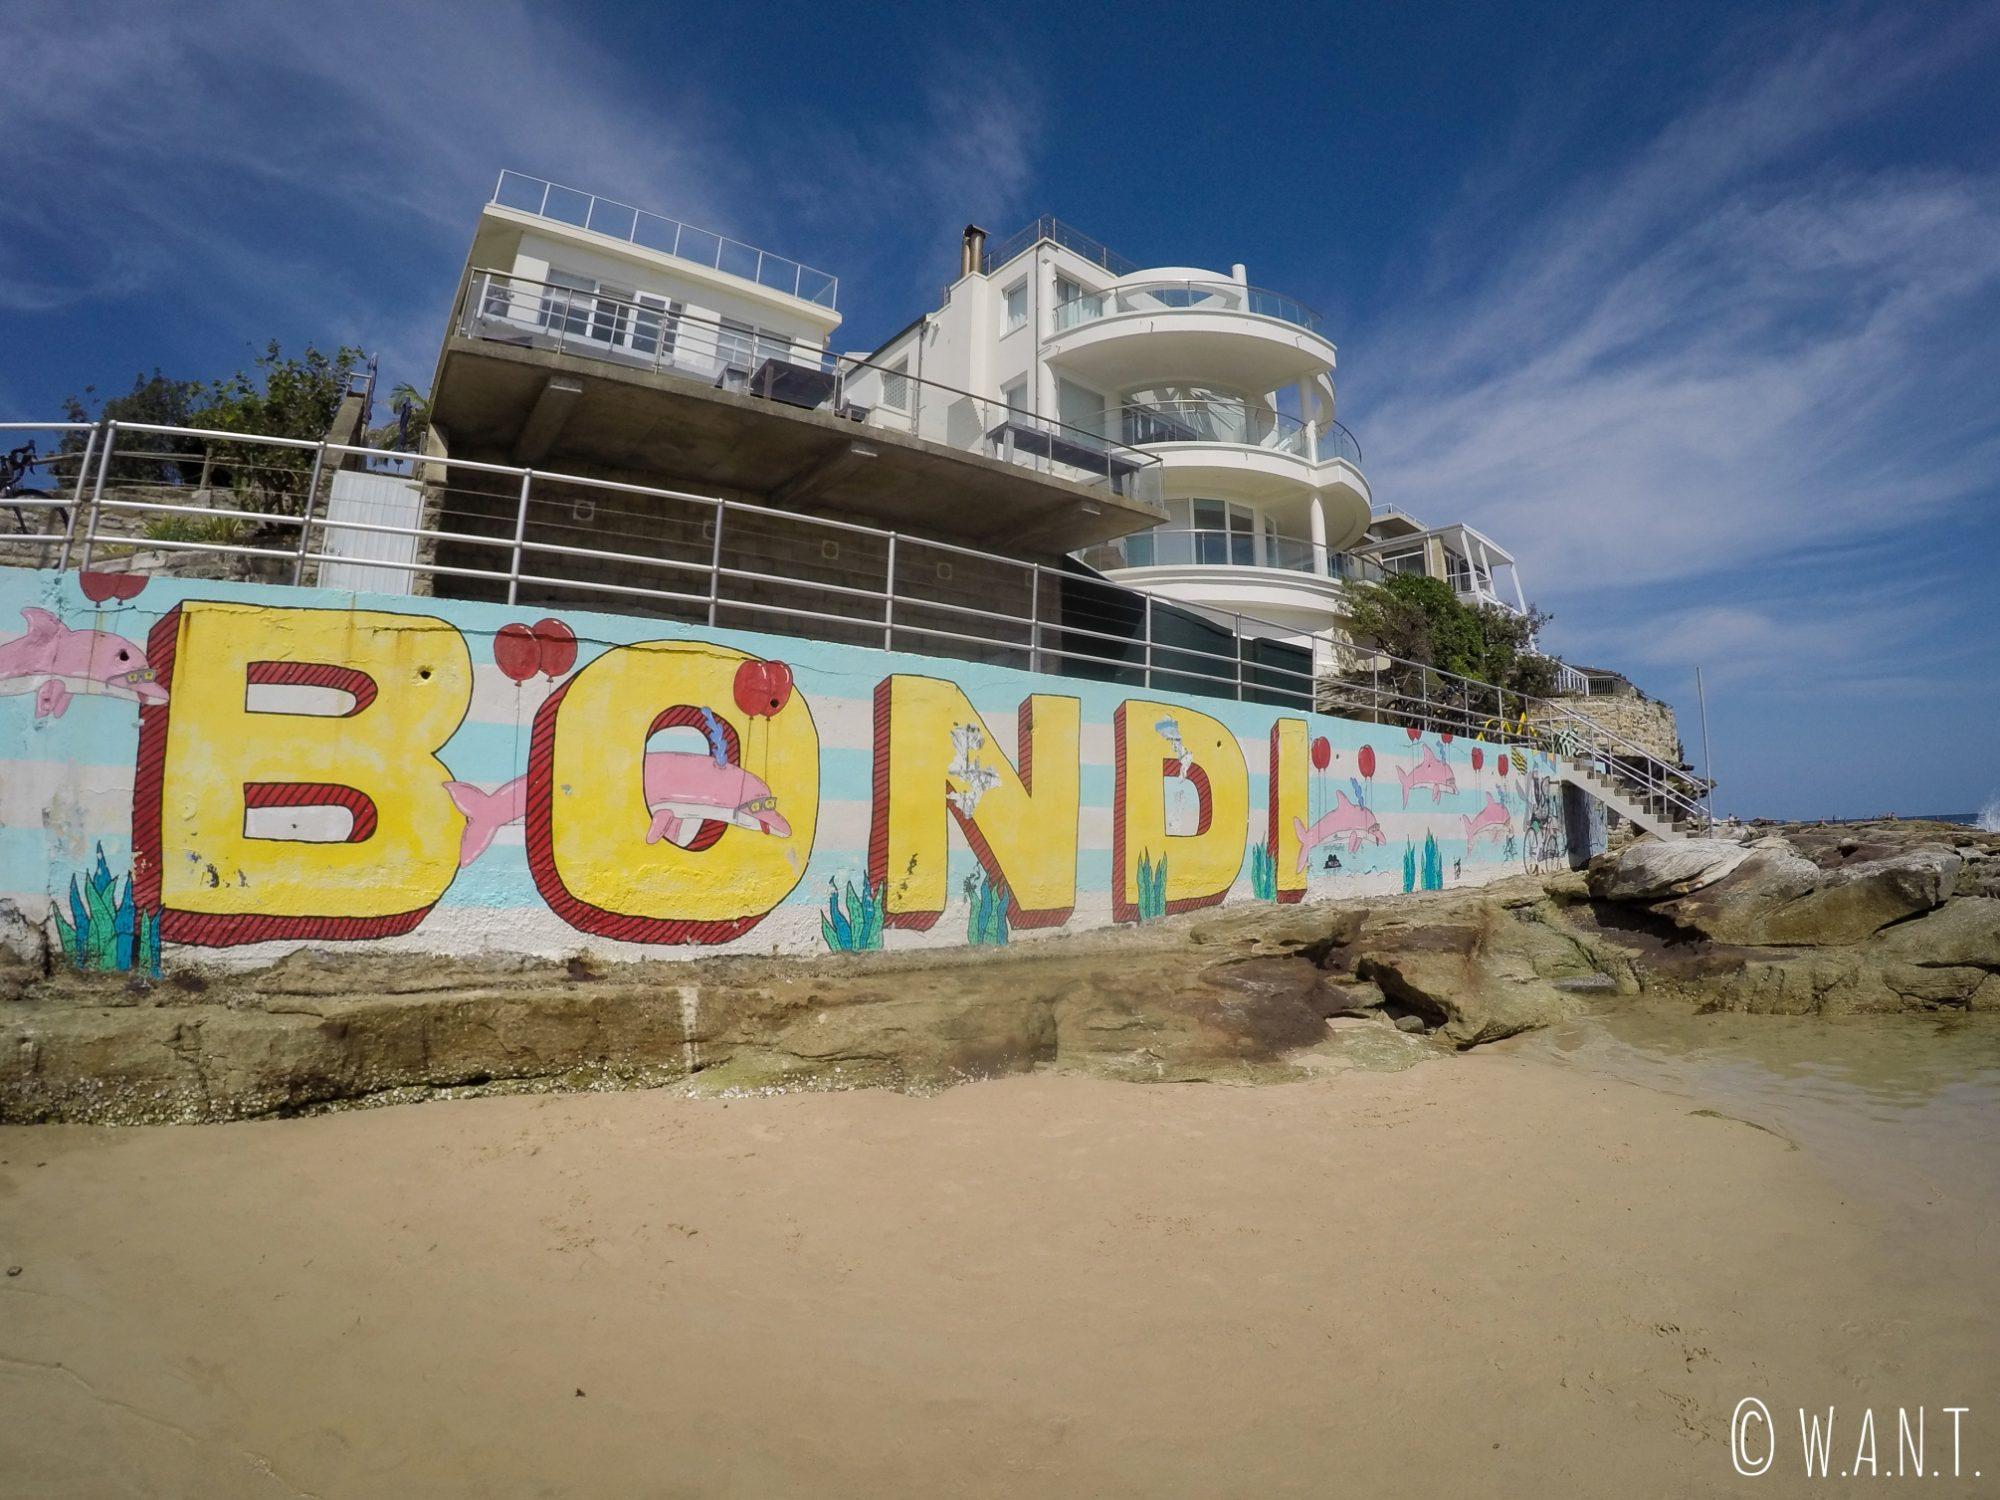 Graffitis sur la plage de Bondi près de Sydney